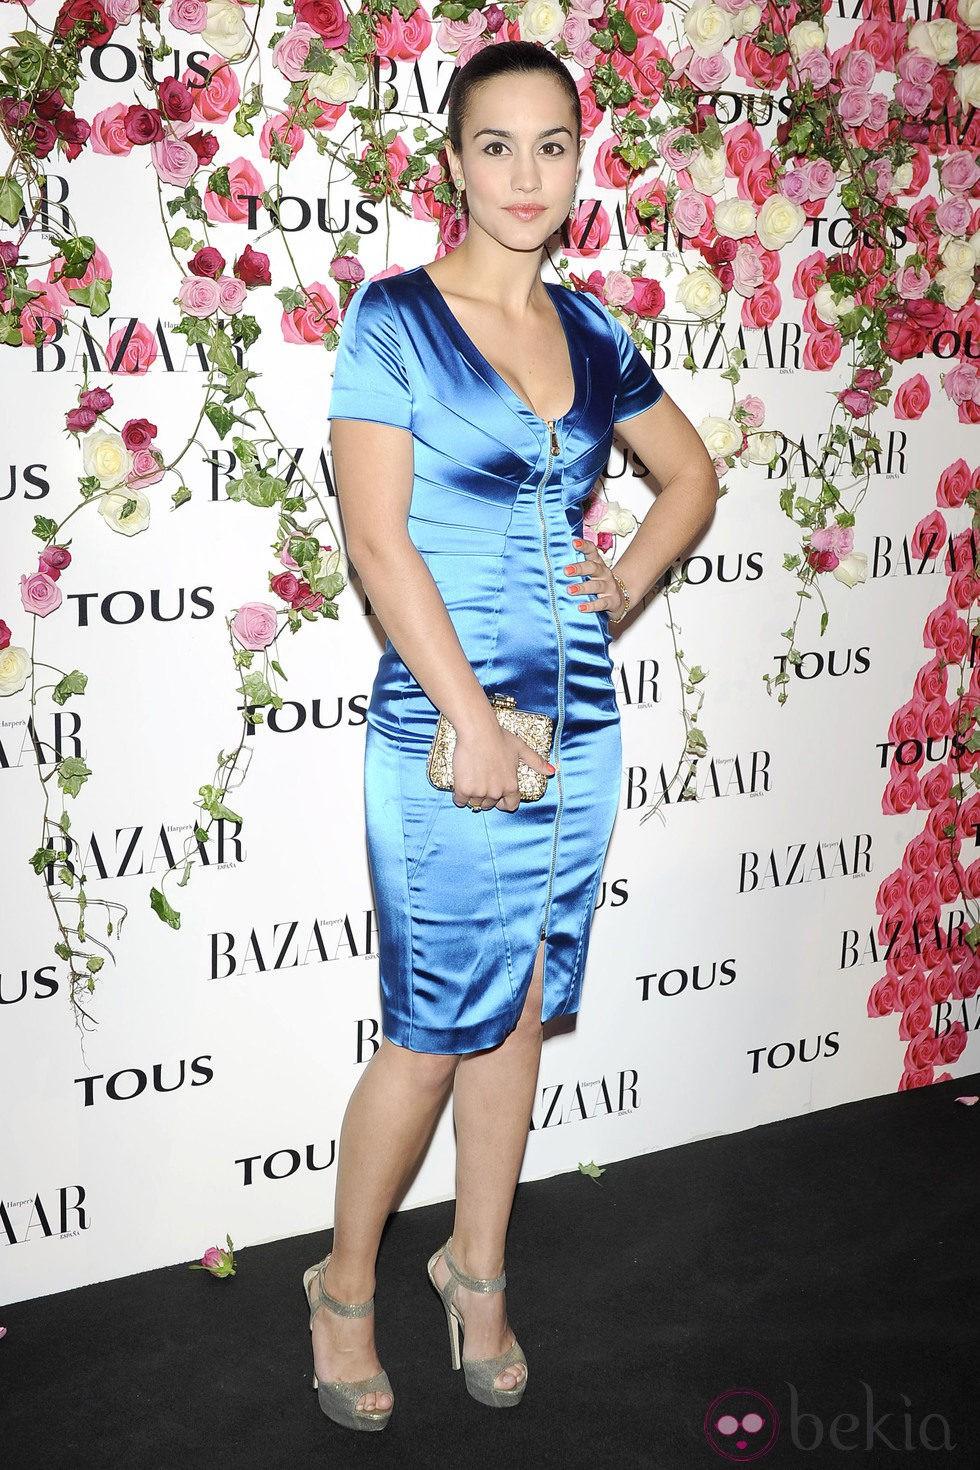 b76cbb77a Anterior Megan Montaner en la fiesta de presentación del perfume  Rosa